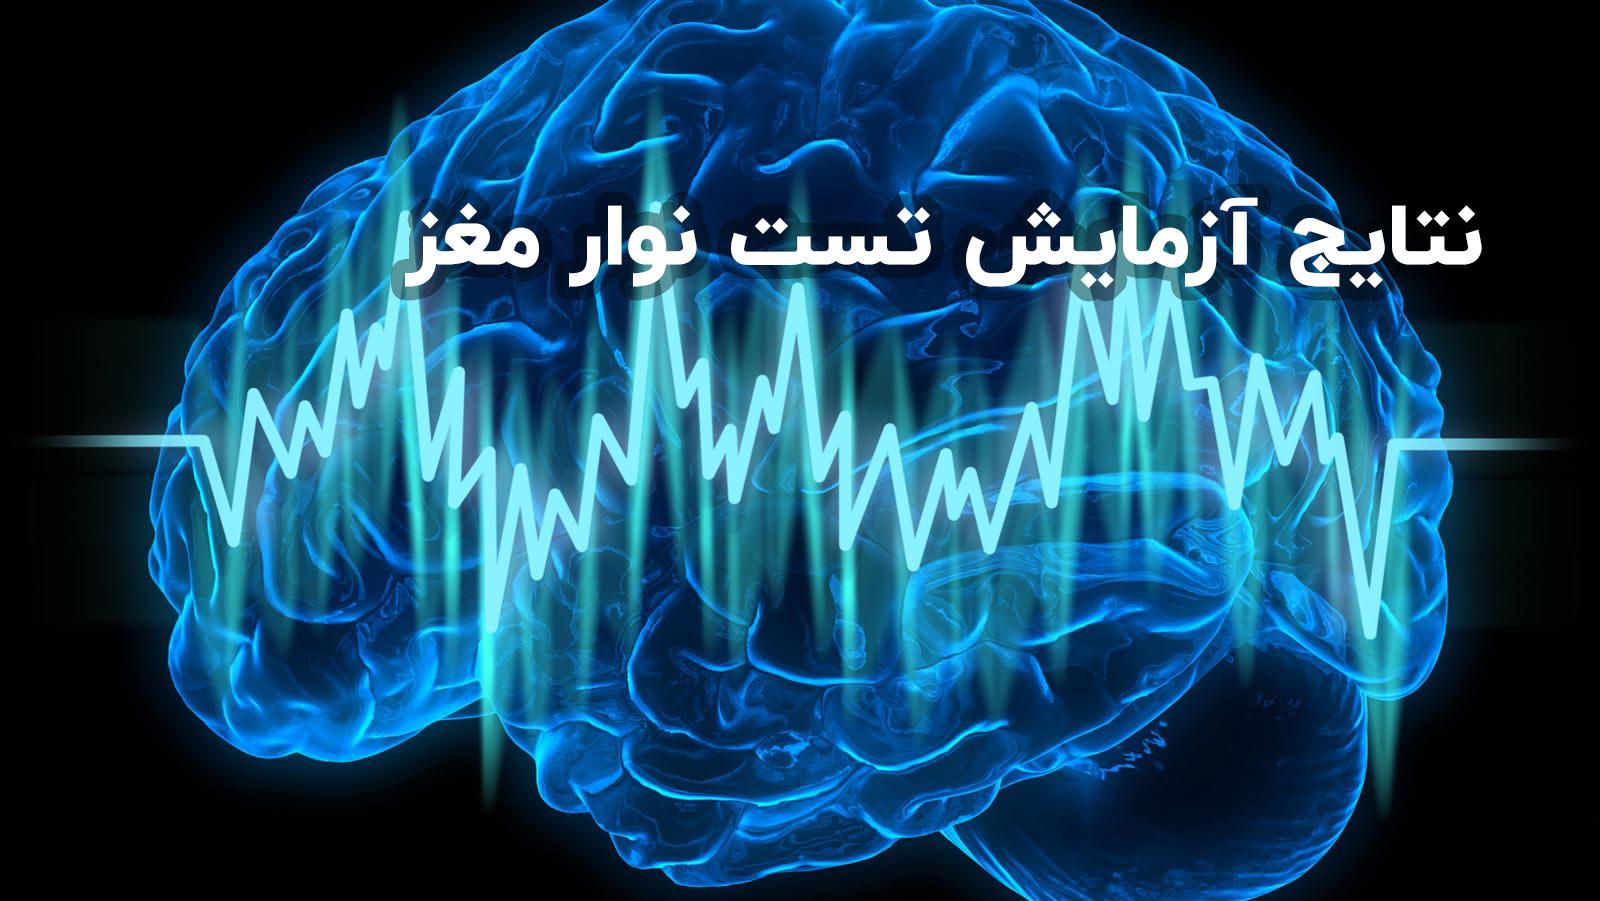 نتایج تست نوار مغز